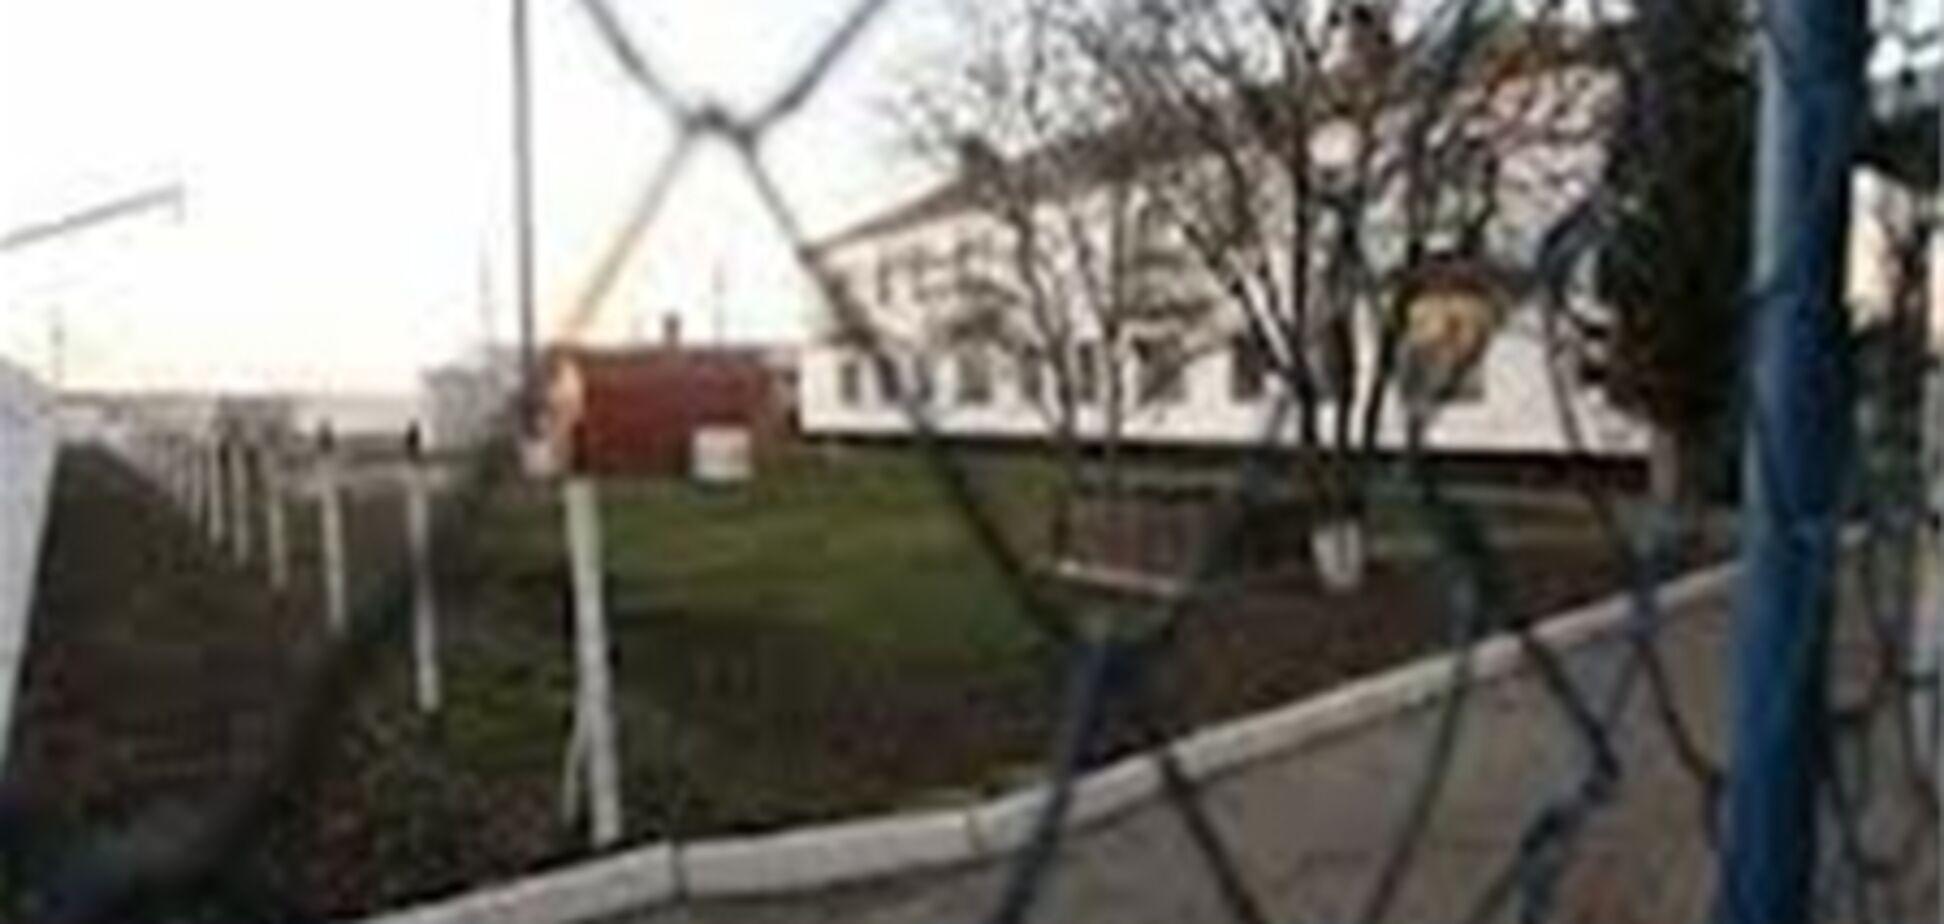 Тюремщики откроют эко-магазин